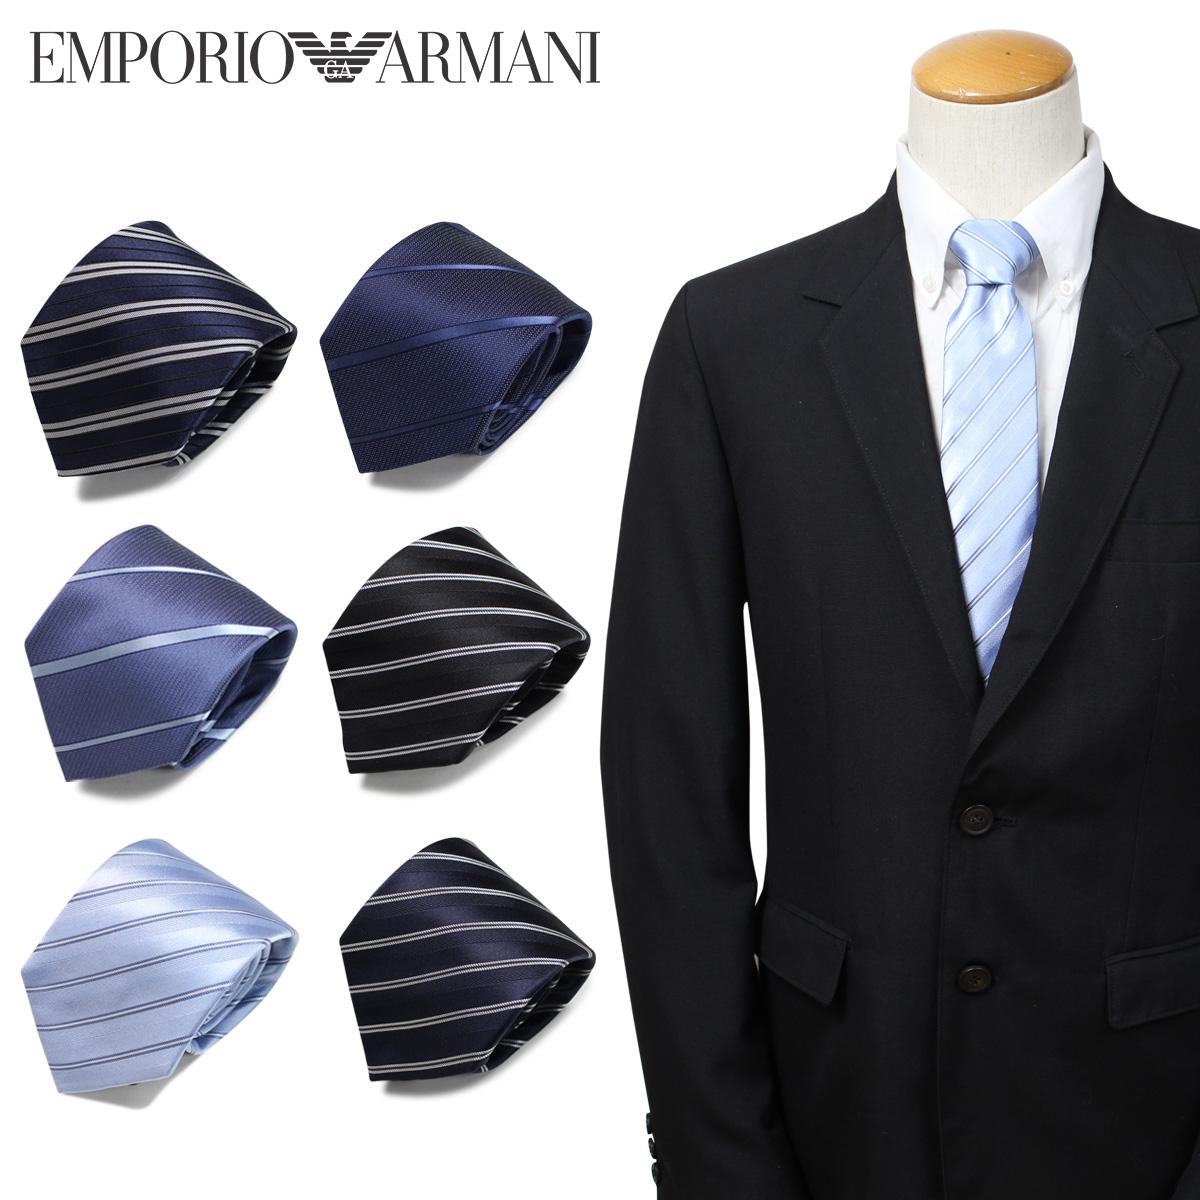 EMPORIO ARMANI エンポリオ アルマーニ ネクタイ メンズ イタリア製 シルク ビジネス 結婚式 [3/25 新入荷]